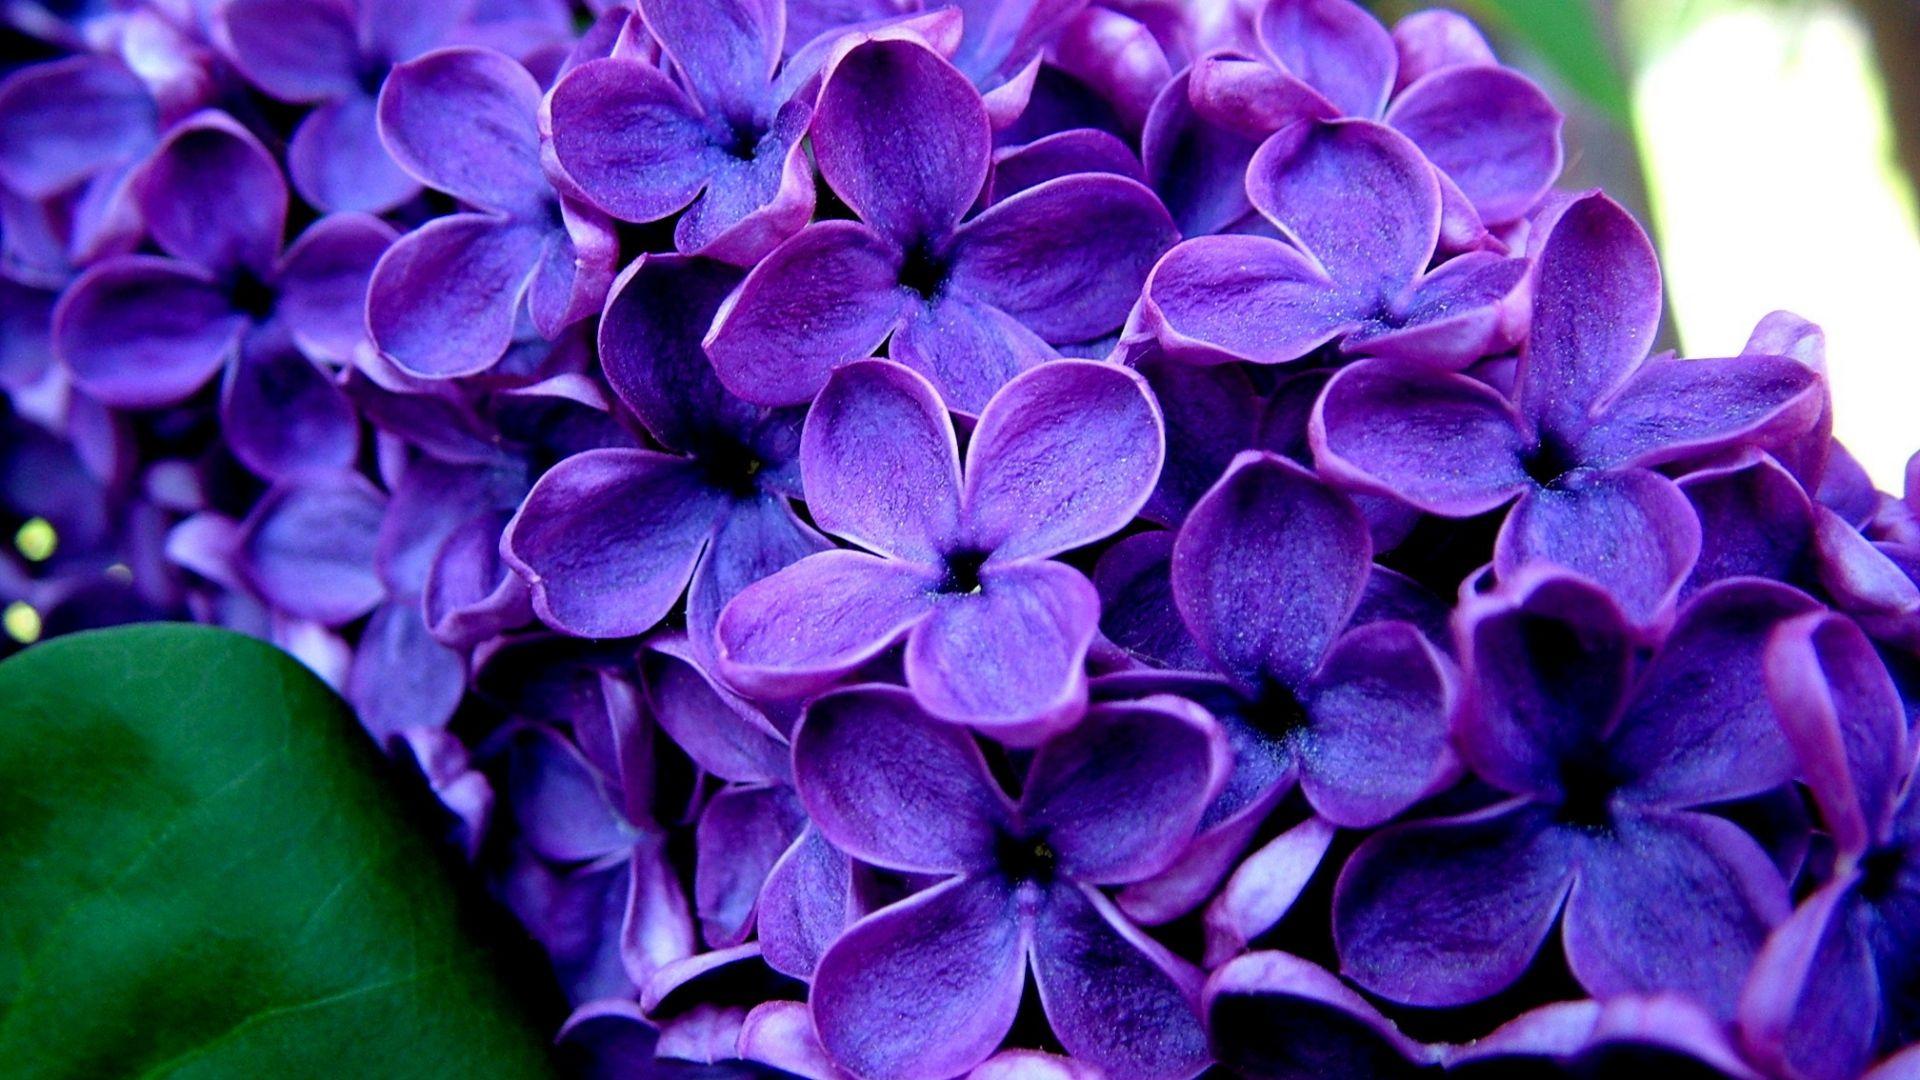 1920x1080 wallpaper flowers blue grass lilac fun ideas 1920x1080 wallpaper flowers blue grass lilac izmirmasajfo